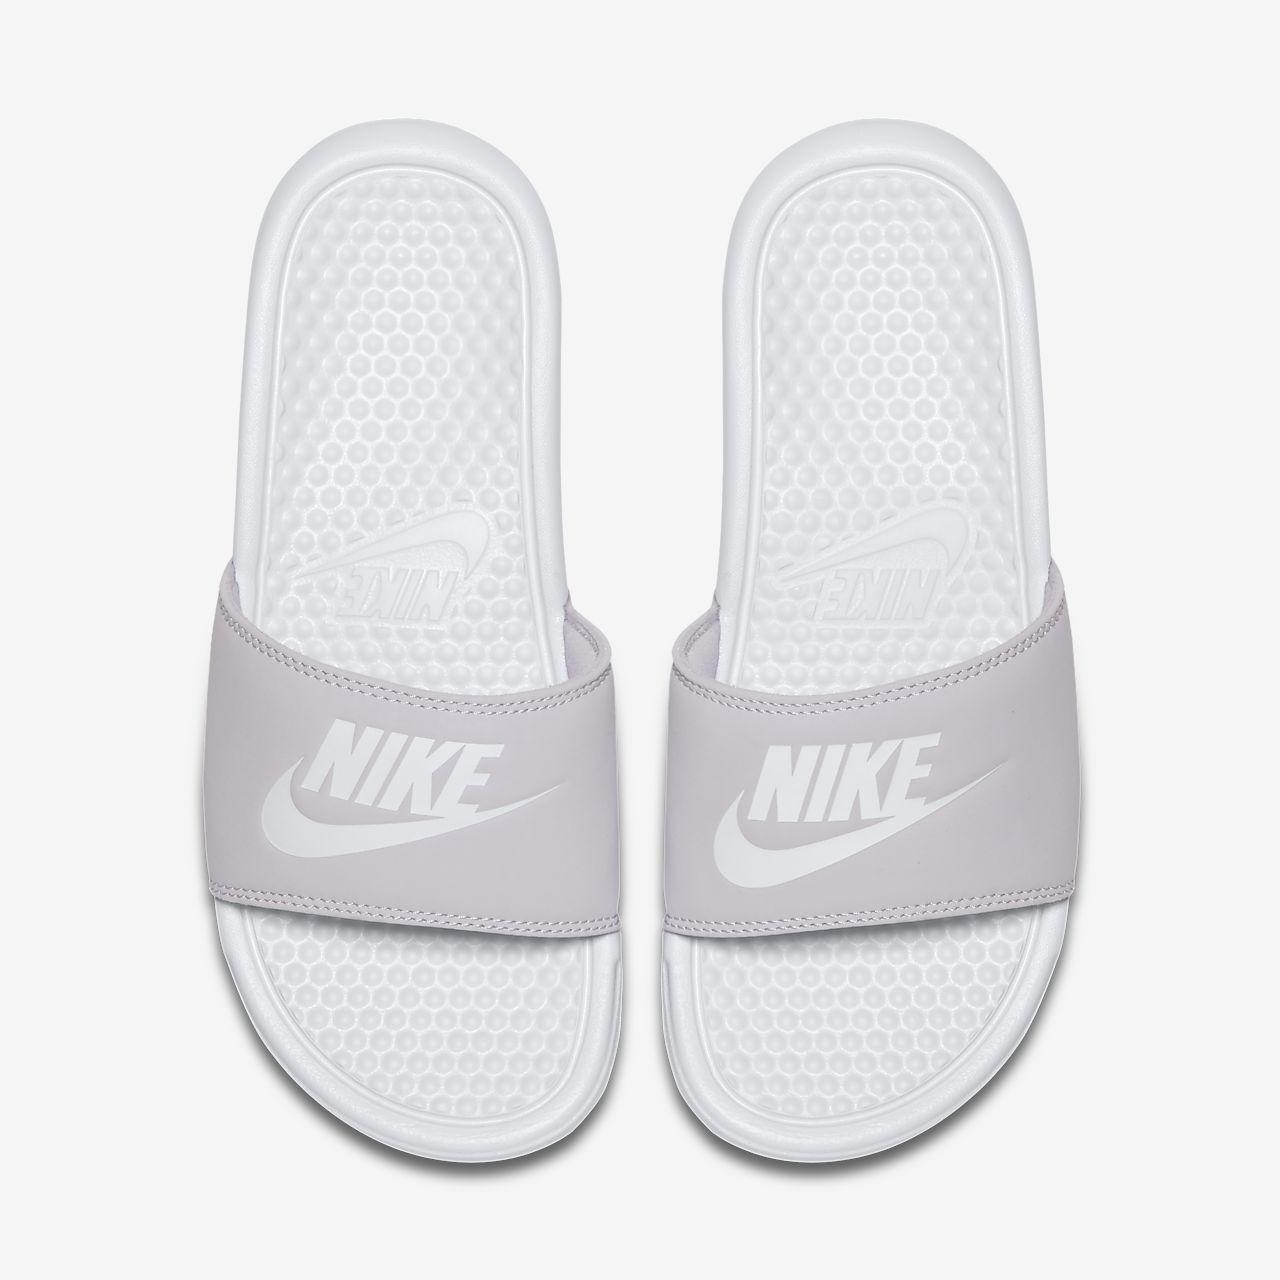 timeless design 2791a 49e58 ... Badtoffel Nike Benassi Pastel QS för kvinnor